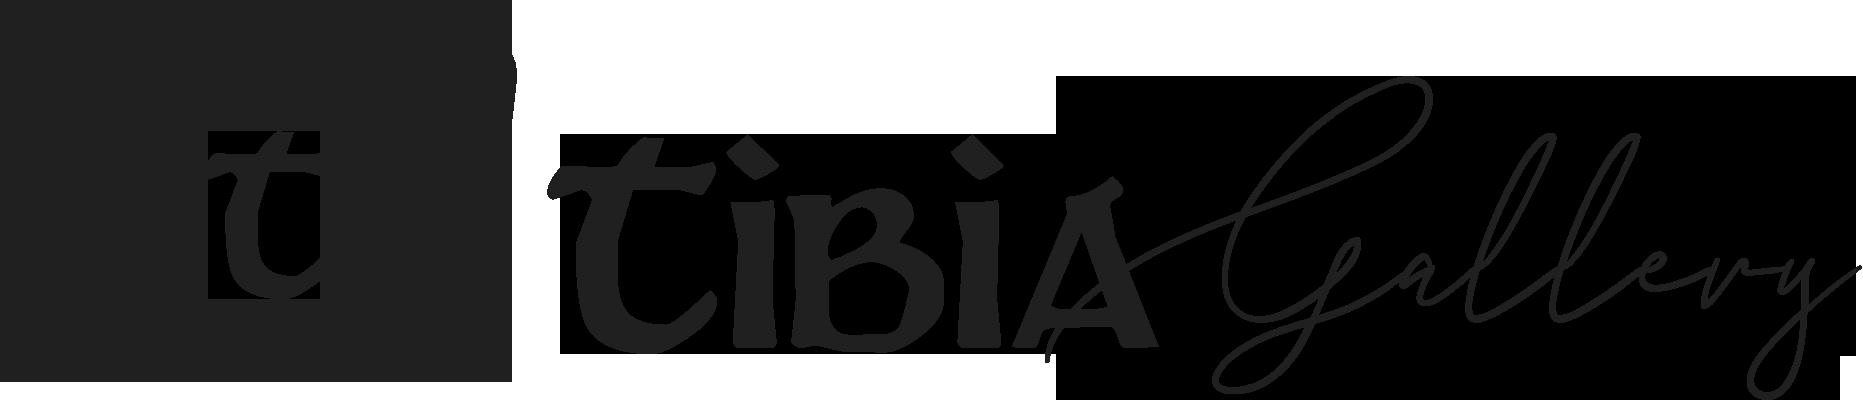 TibiaGallery.com